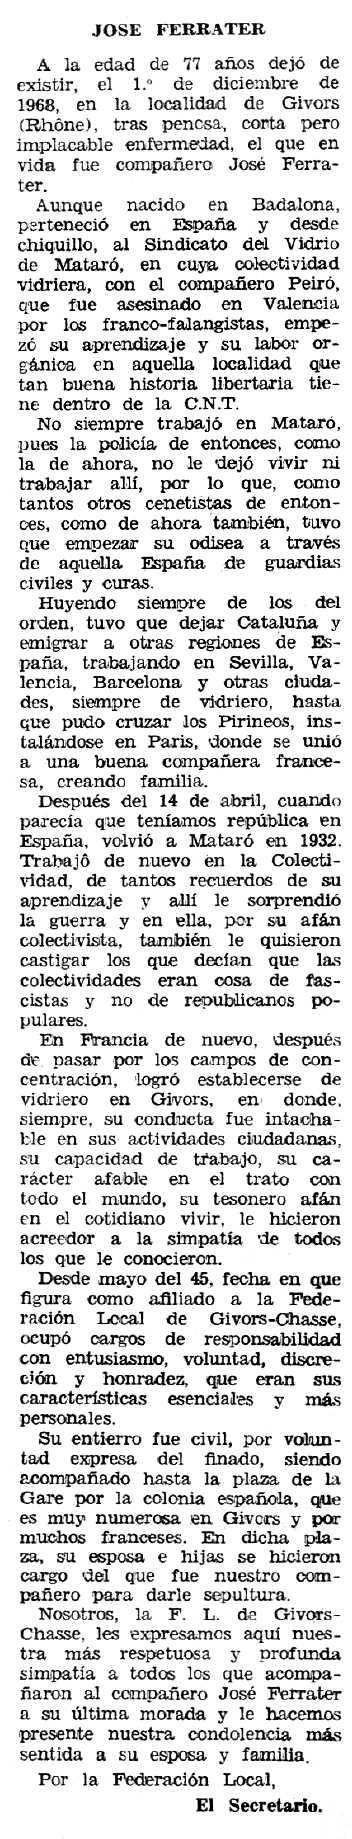 """Necrològica de Josep Ferrater Añó apareguda en el periòdic tolosà """"Espoir"""" del 23 de febrer de 1969"""